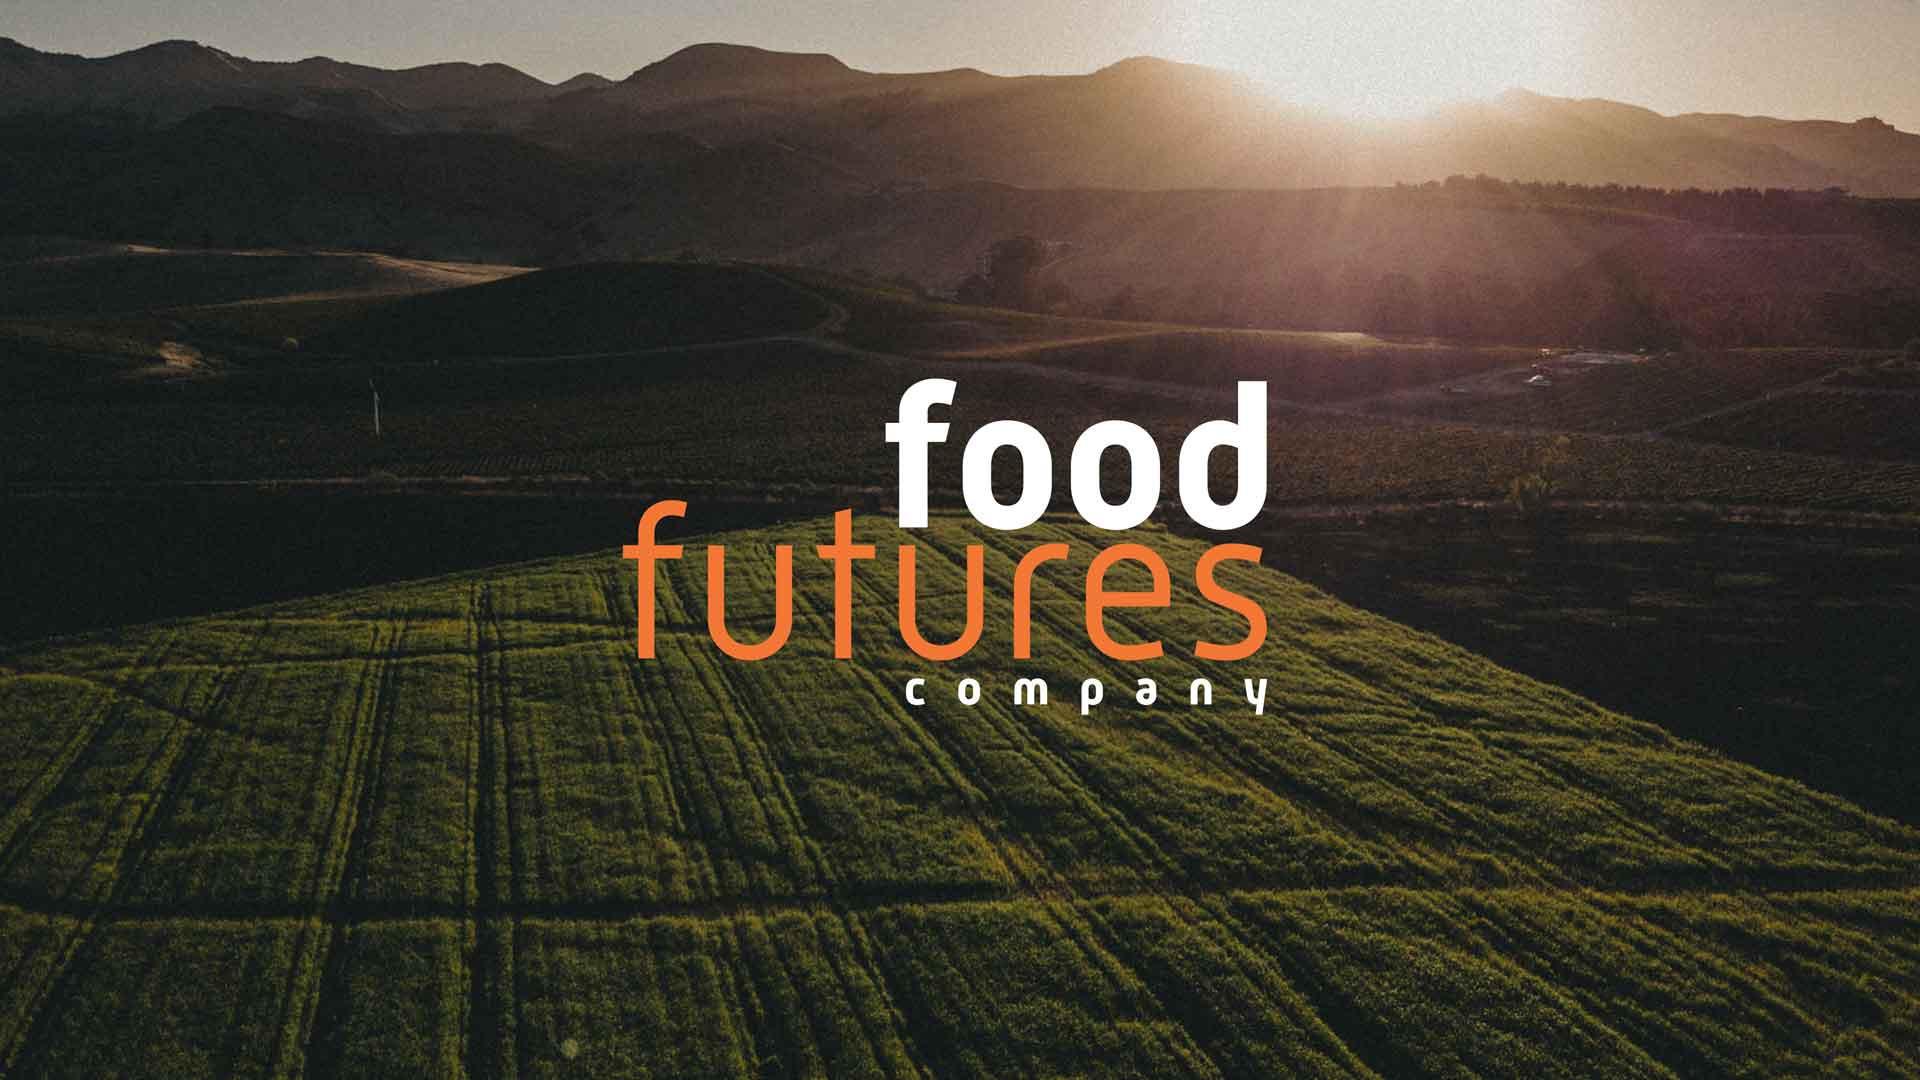 Food Futures Branding